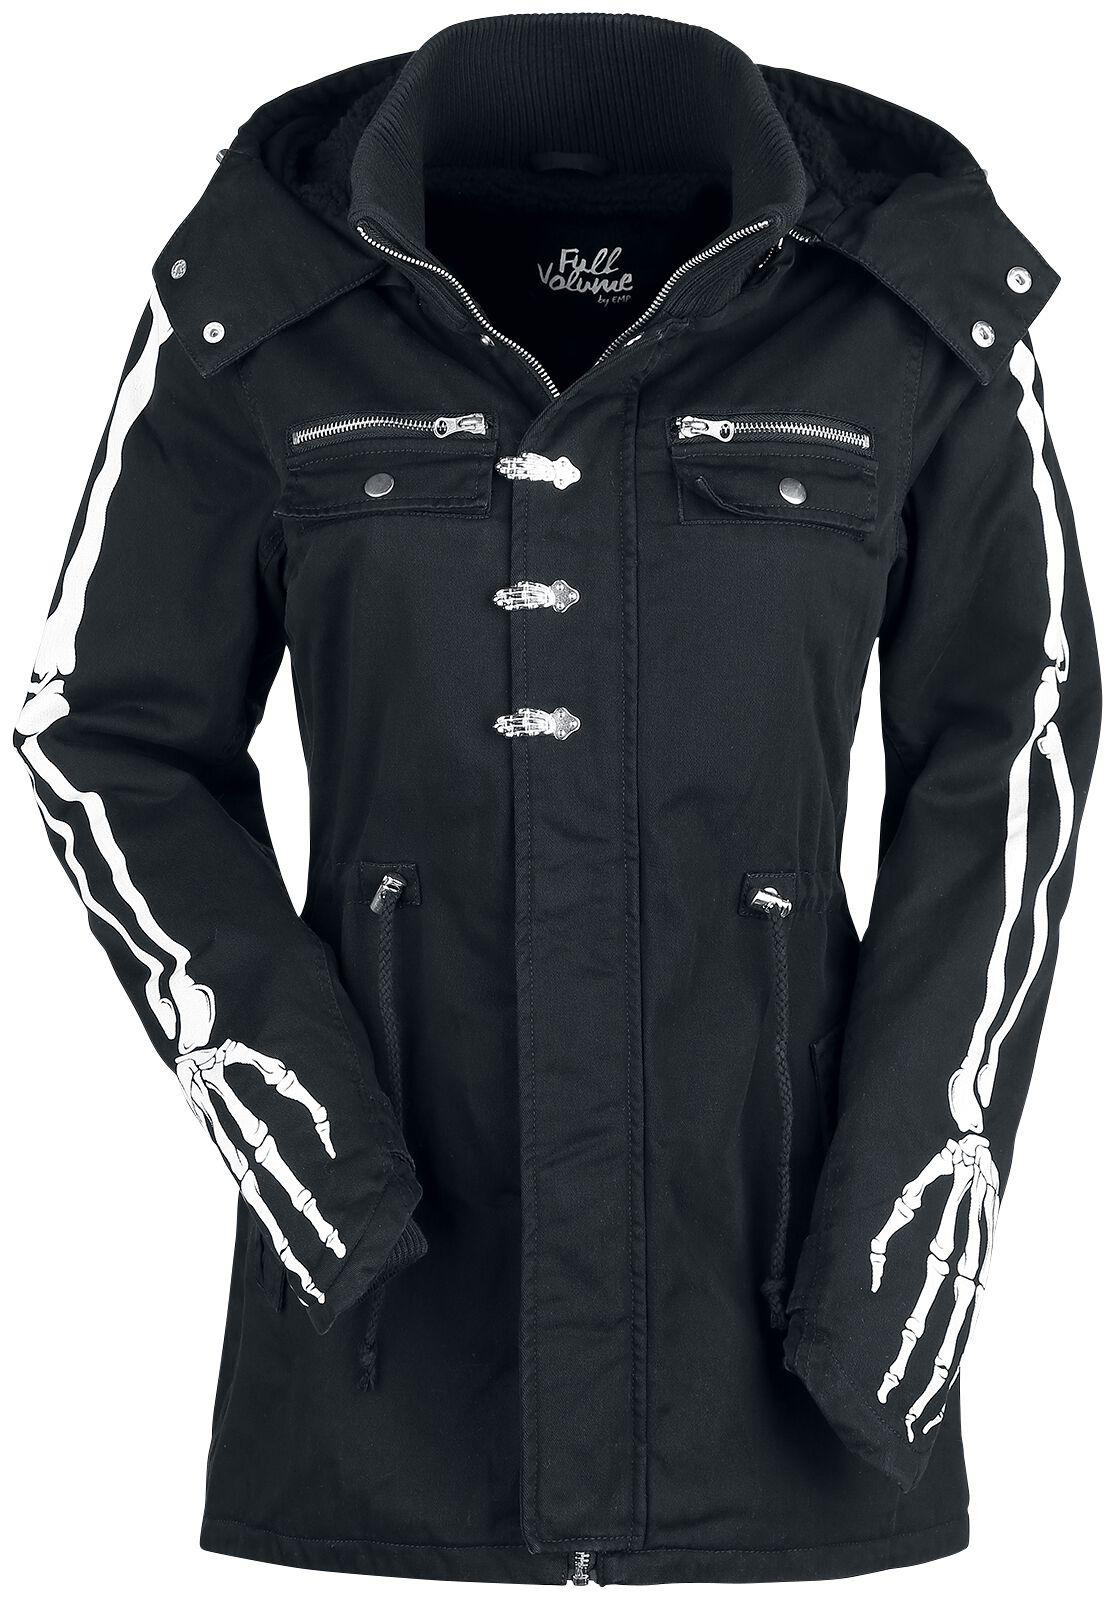 Jacken für Frauen - Full Volume by EMP She Rules Winterjacke schwarz  - Onlineshop EMP